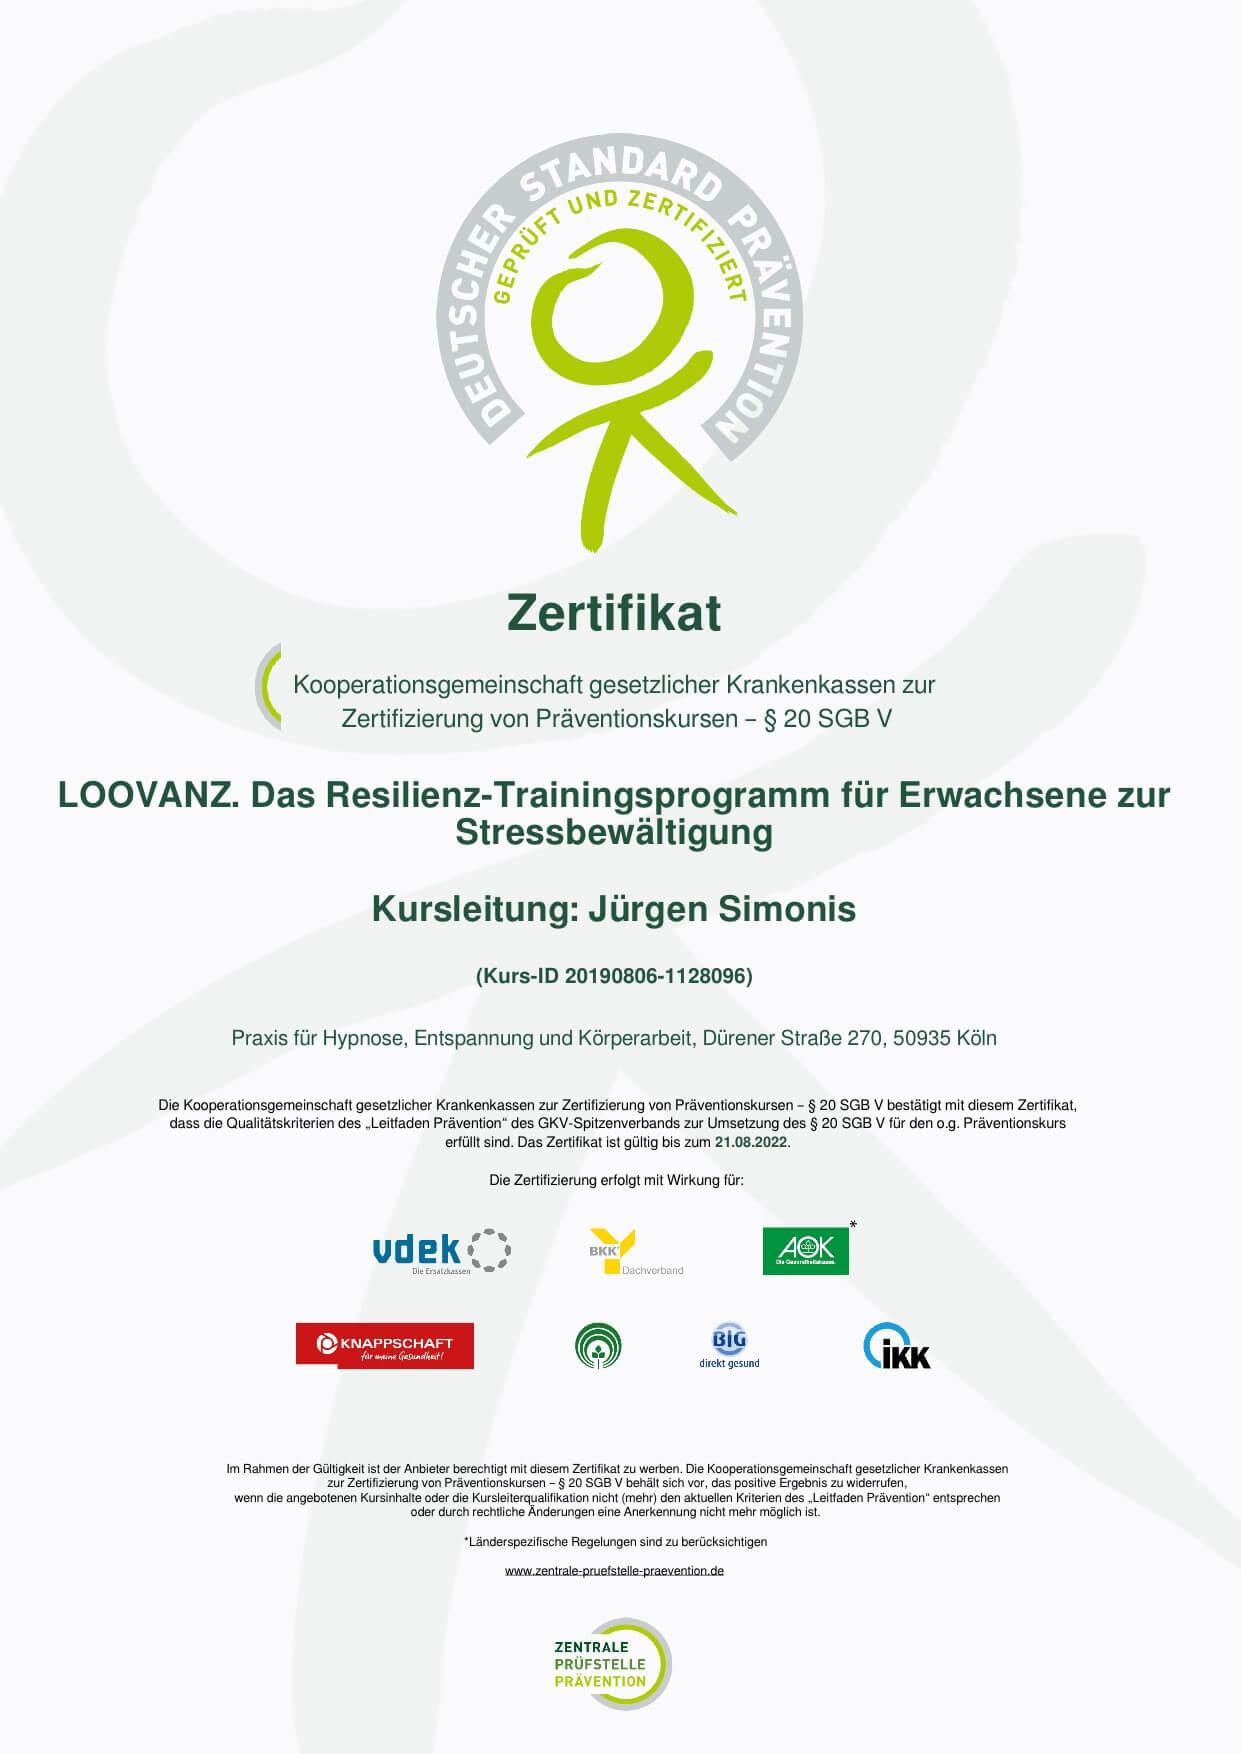 Zertifizierung-Resilienz-Trainingsprogramm